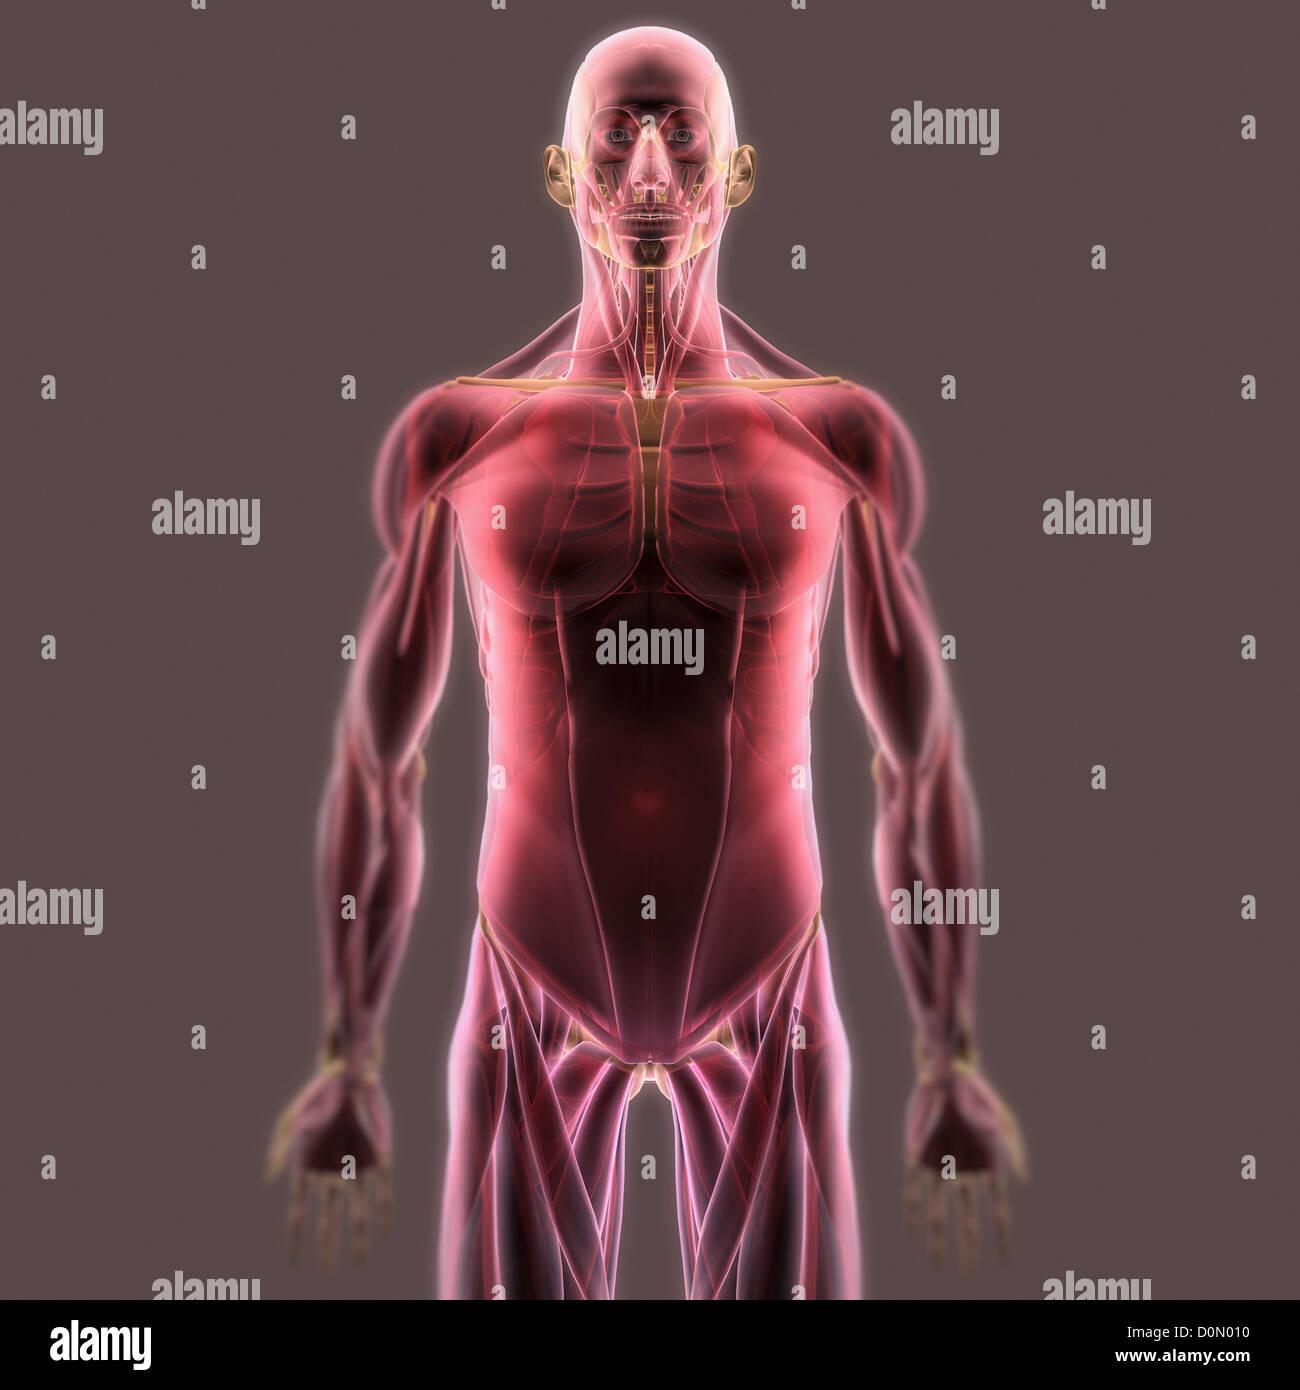 Anatomisches Modell zeigt das menschliche Muskel-System Stockfoto ...